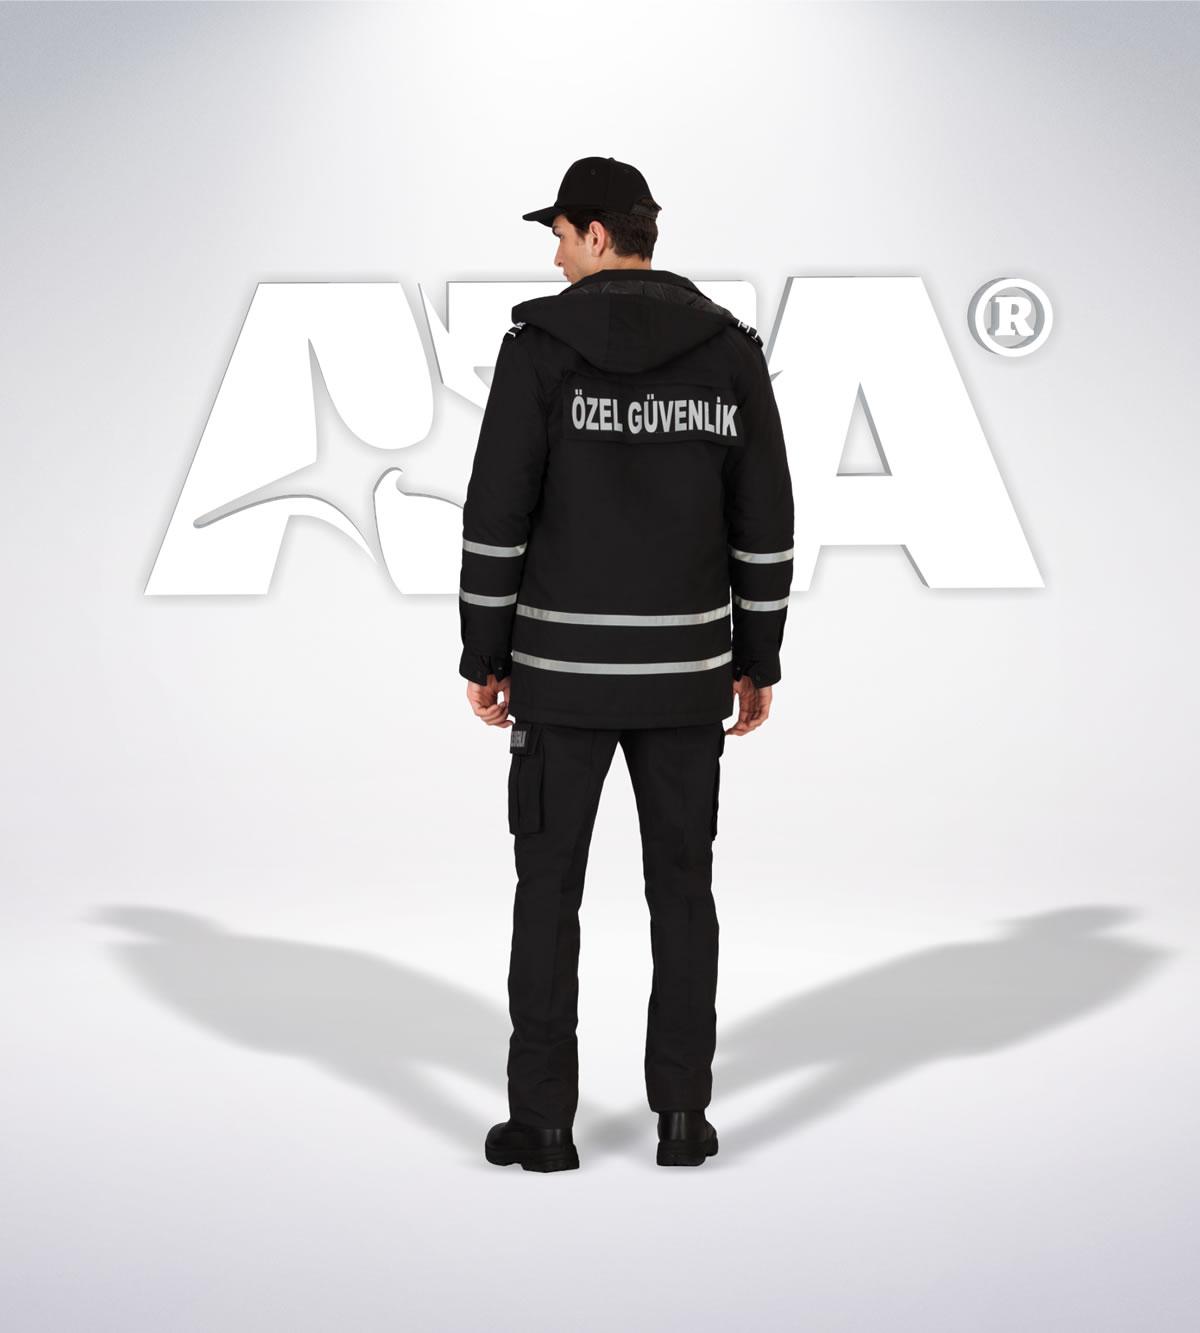 ATA 159 - arka - Pantolon ribstop - mont - aksesuar reflektör - güvenlik elbiseleri | güvenlik üniformaları | güvenlik kıyafetleri